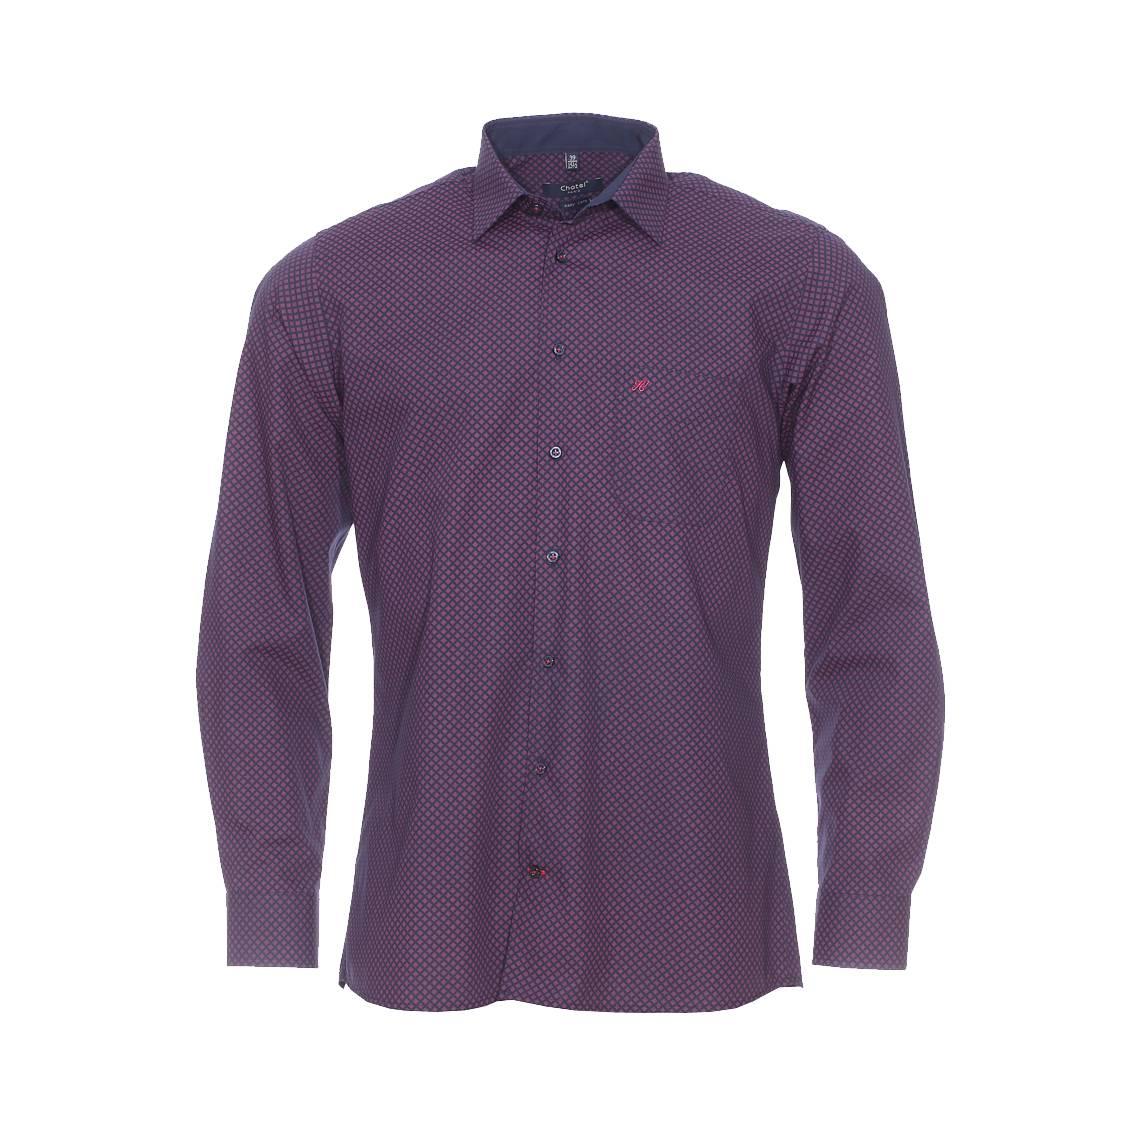 Chemise ajustée  en coton bleu marine à motifs bordeaux